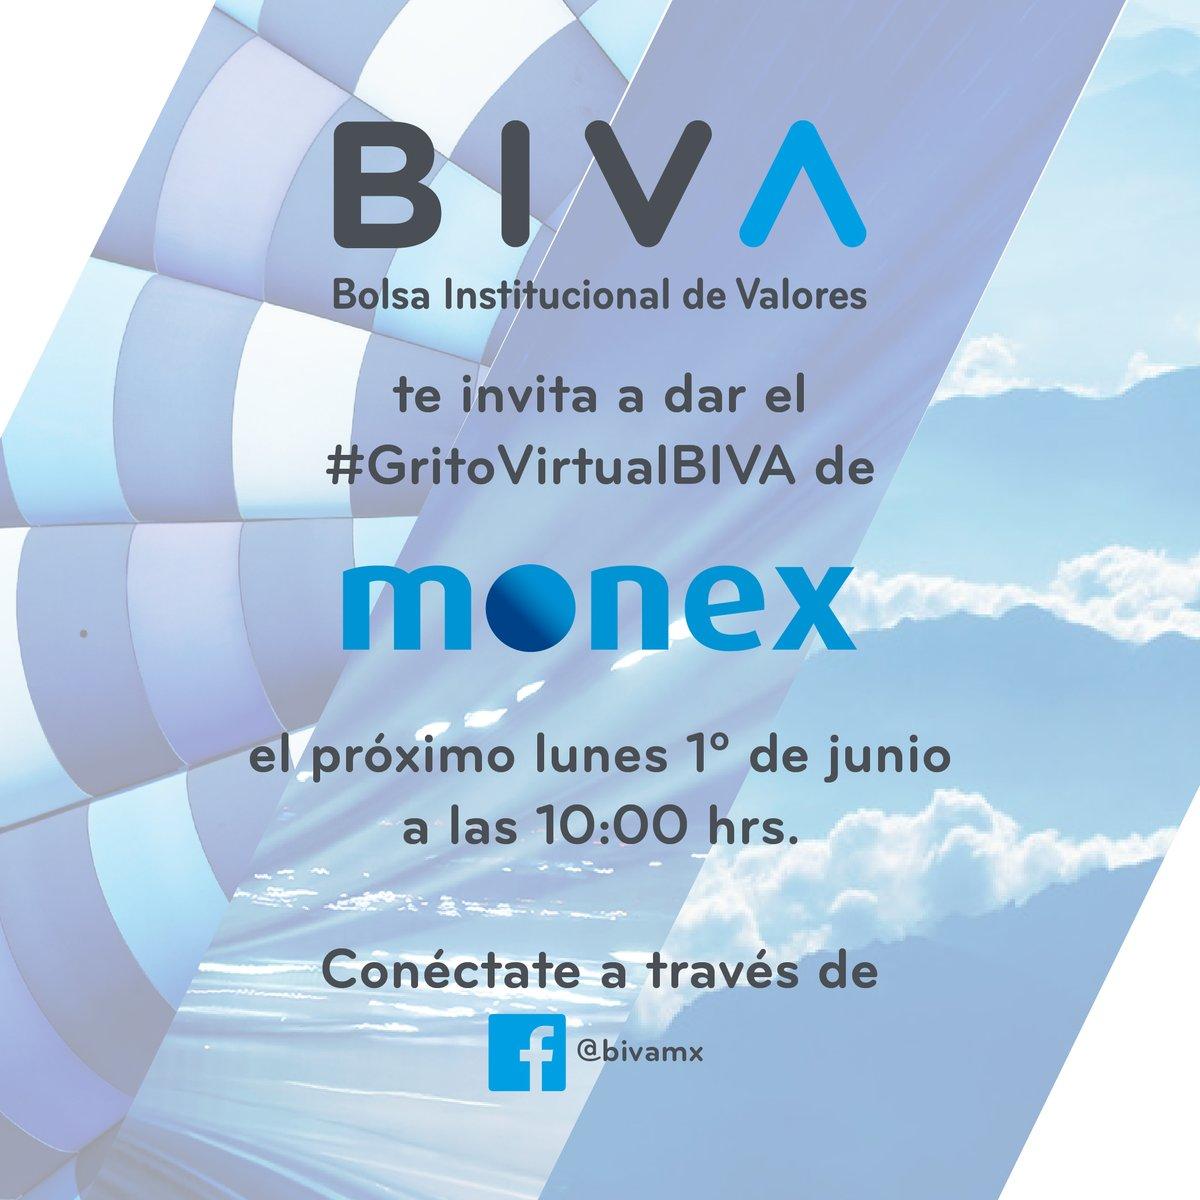 Estamos a unos minutos de dar el #GritoVirtualBIVAMonex. Acompáñanos a darle la bienvenida a @MonexAnalisis a la #FamiliaBIVA y gritar juntos ¡#BIVAMonex! ¡#BIVAMéxico! ¡#BIVAMonex! Conéctate a nuestro #FacebookLive a las 10:00 am: facebook.com/bivamx/